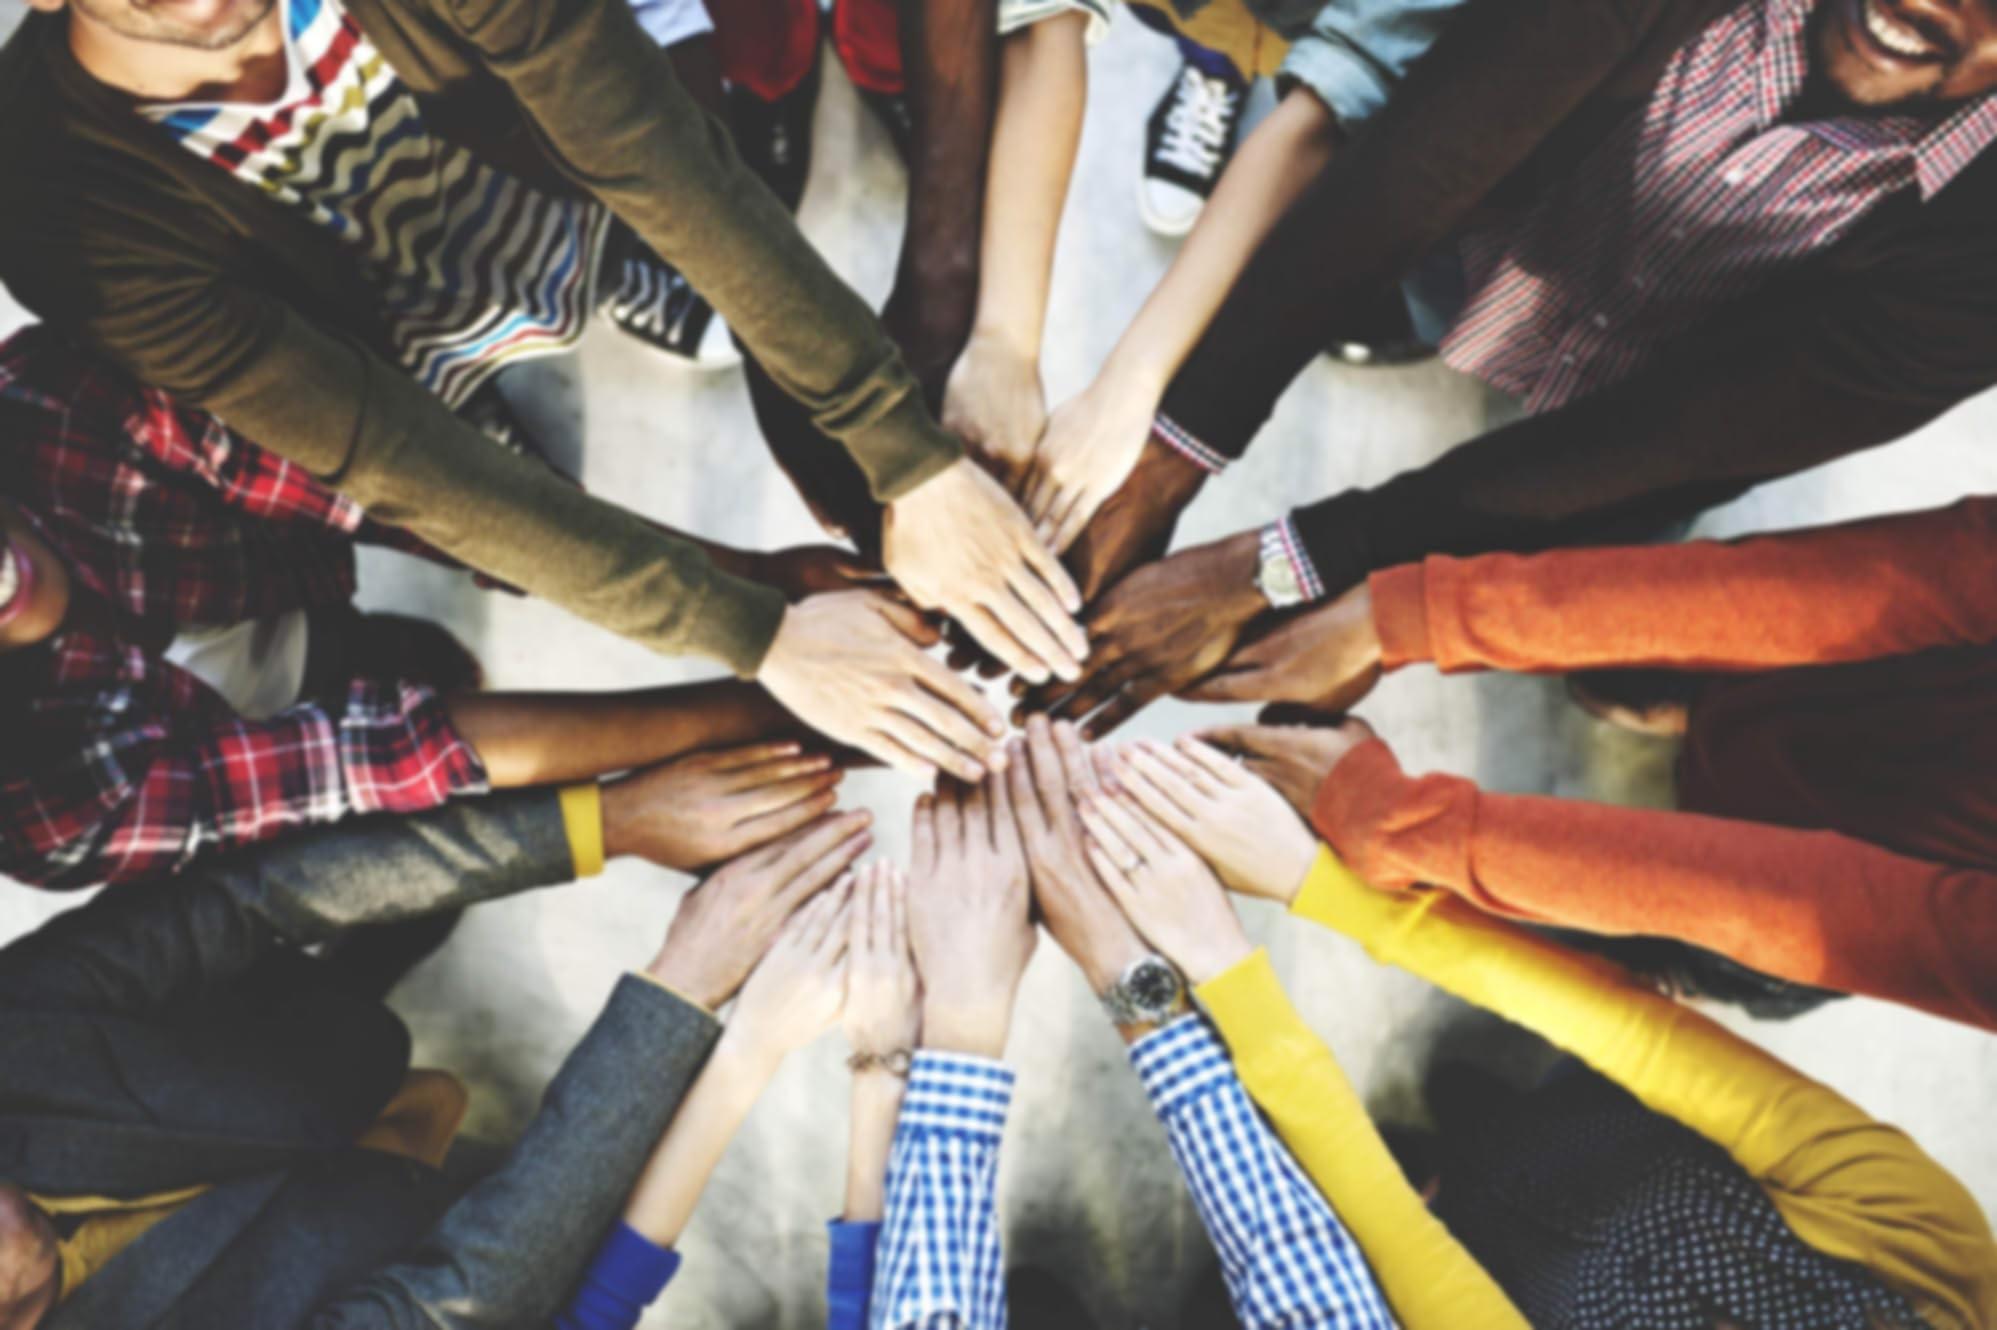 Varias personas añadiendo sus manos en un círculo.